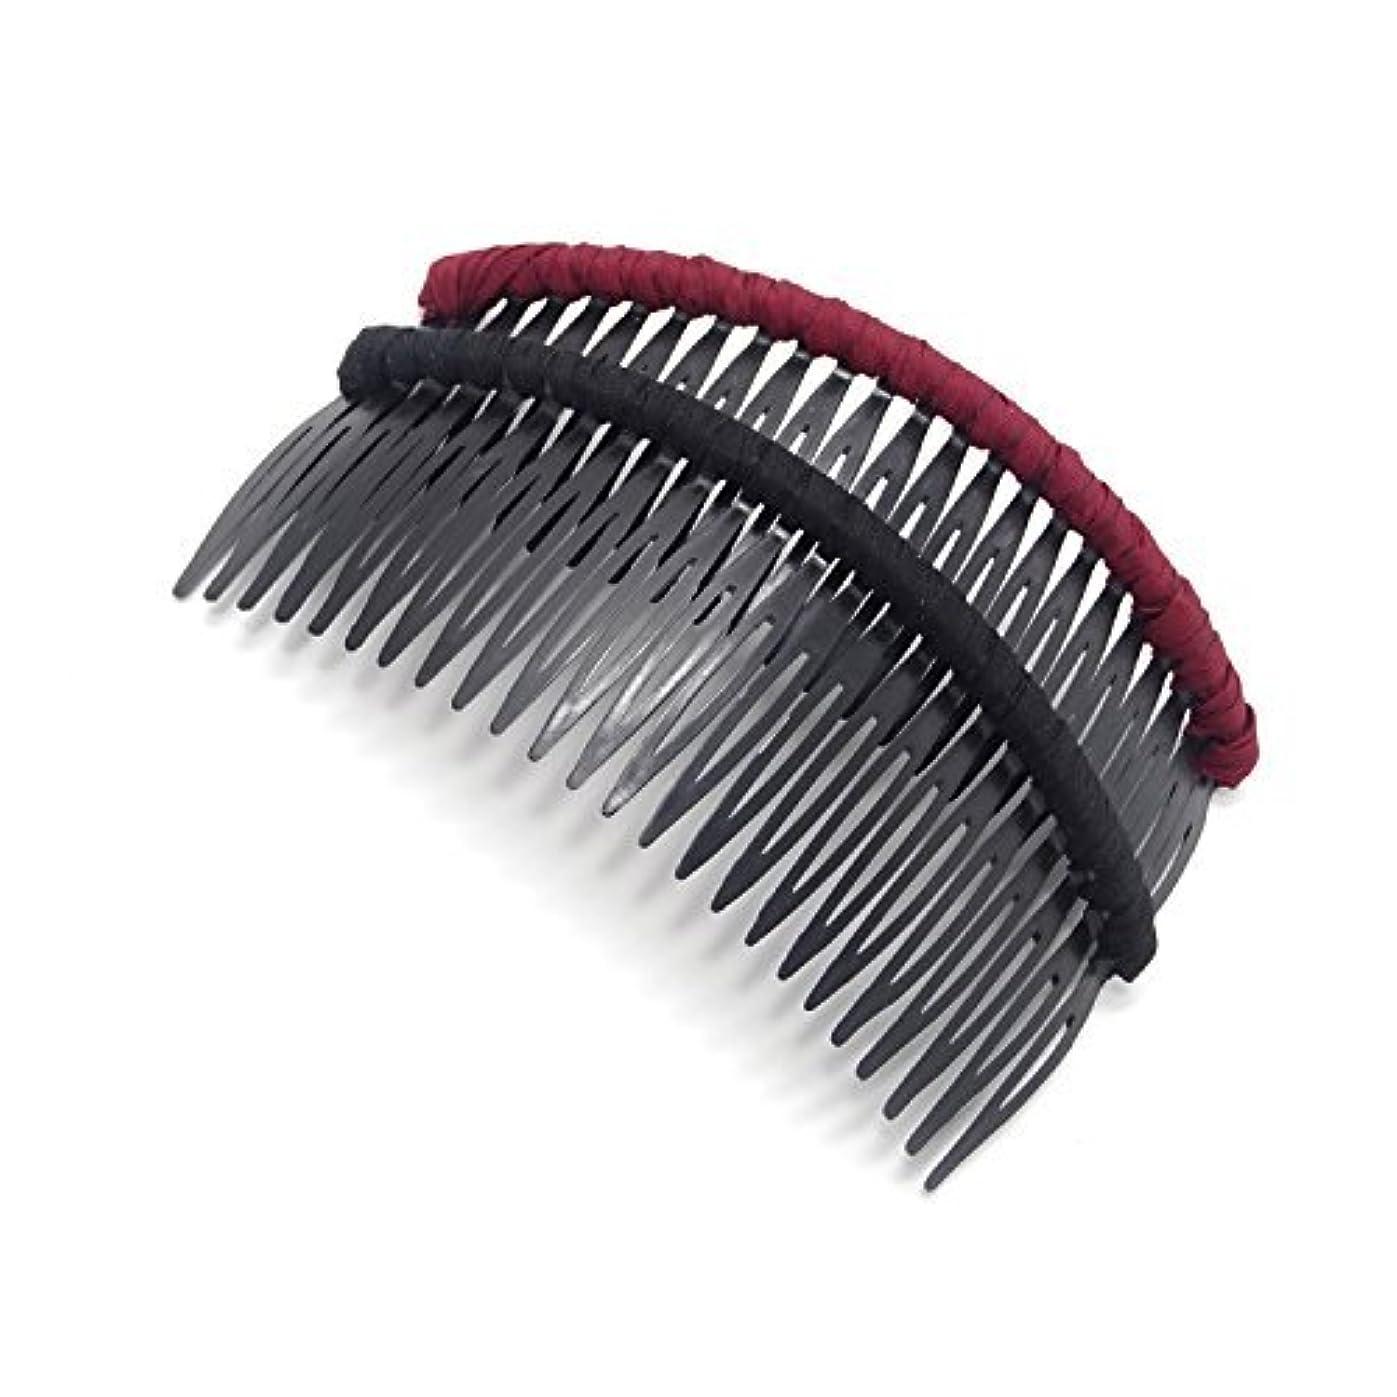 会話型高度王族Honbay 2 PCS Different Color 24 Teeth Plastic Hair Comb Tuck Comb Hair Clip Hair Accessory for Women and Girls...